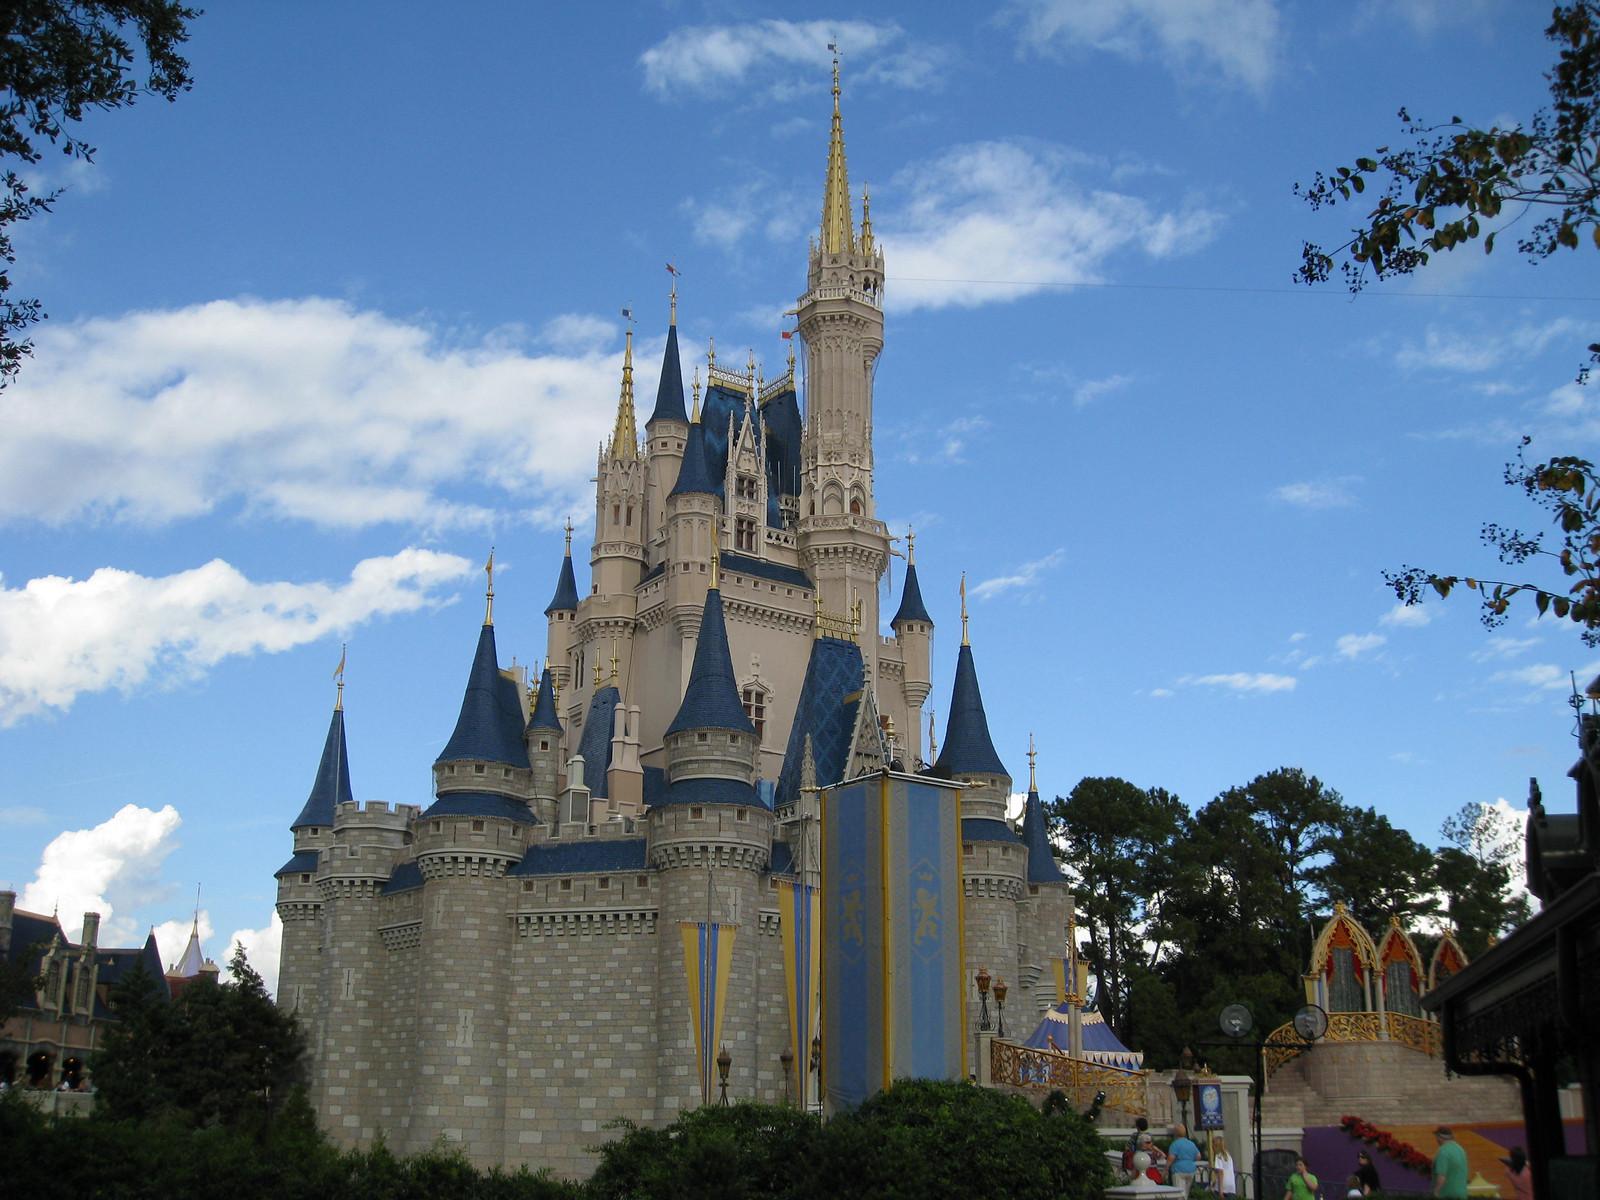 Palaces Castles 1600x1200